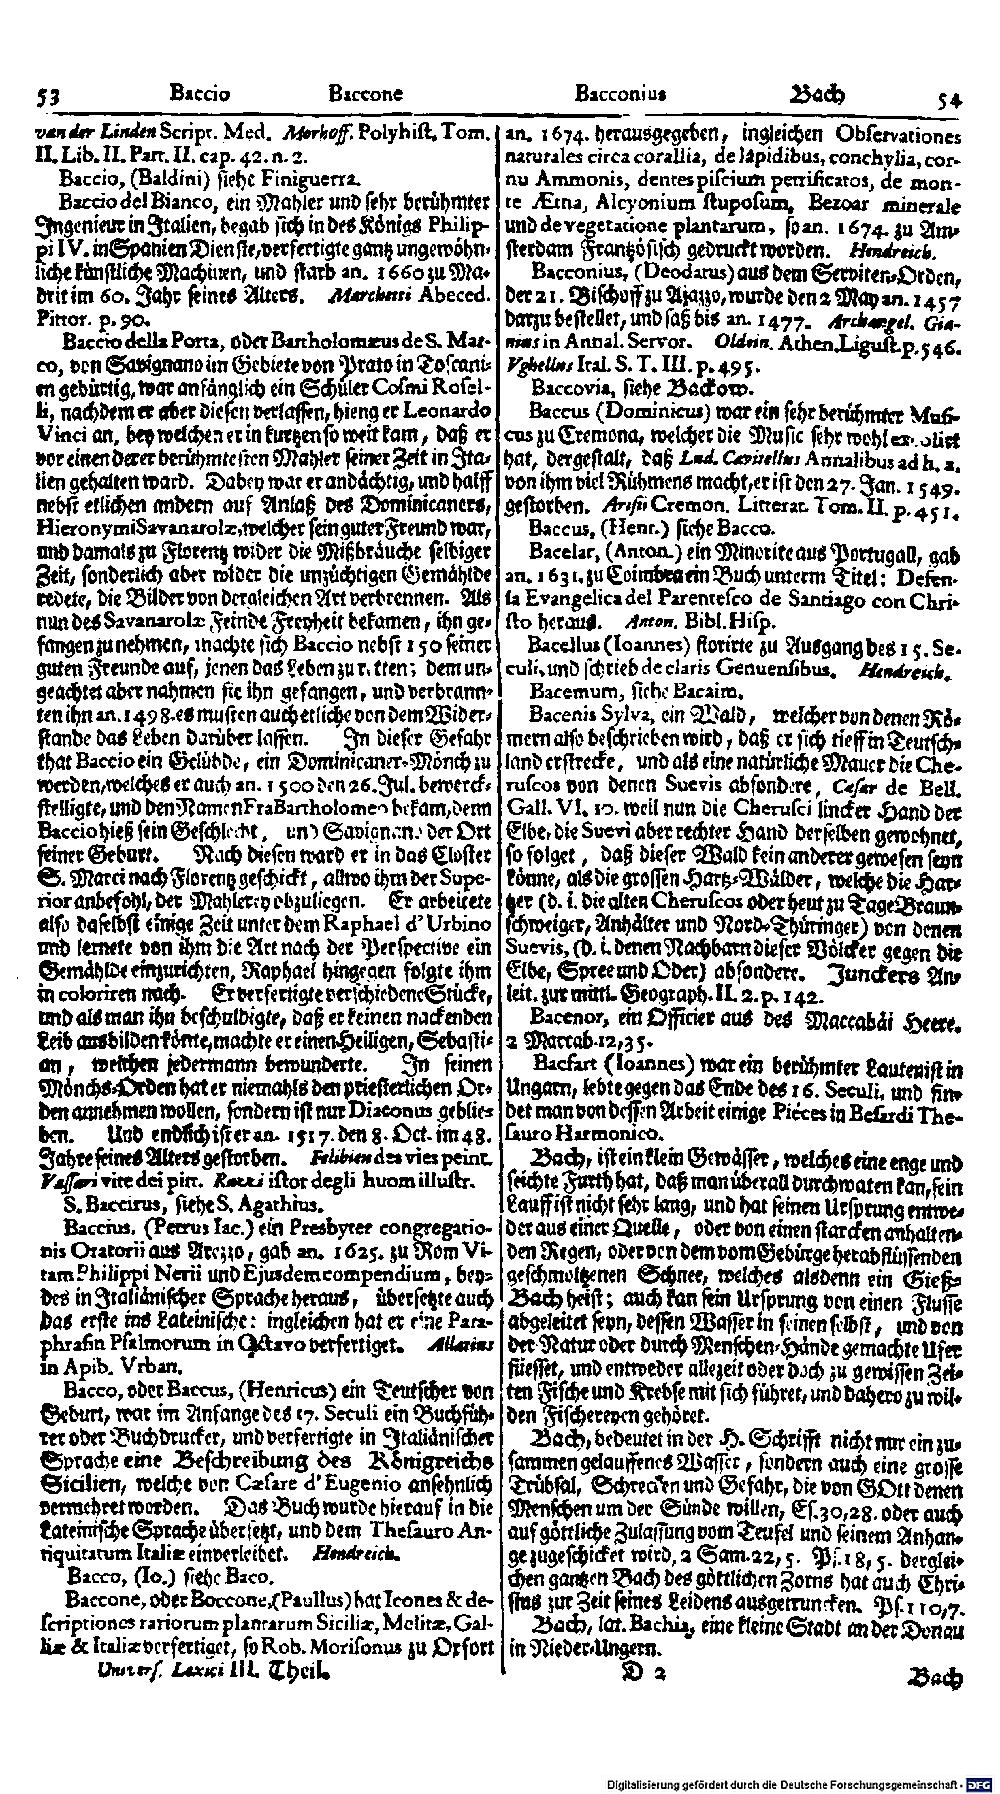 Bd. 03, Seite 0042.